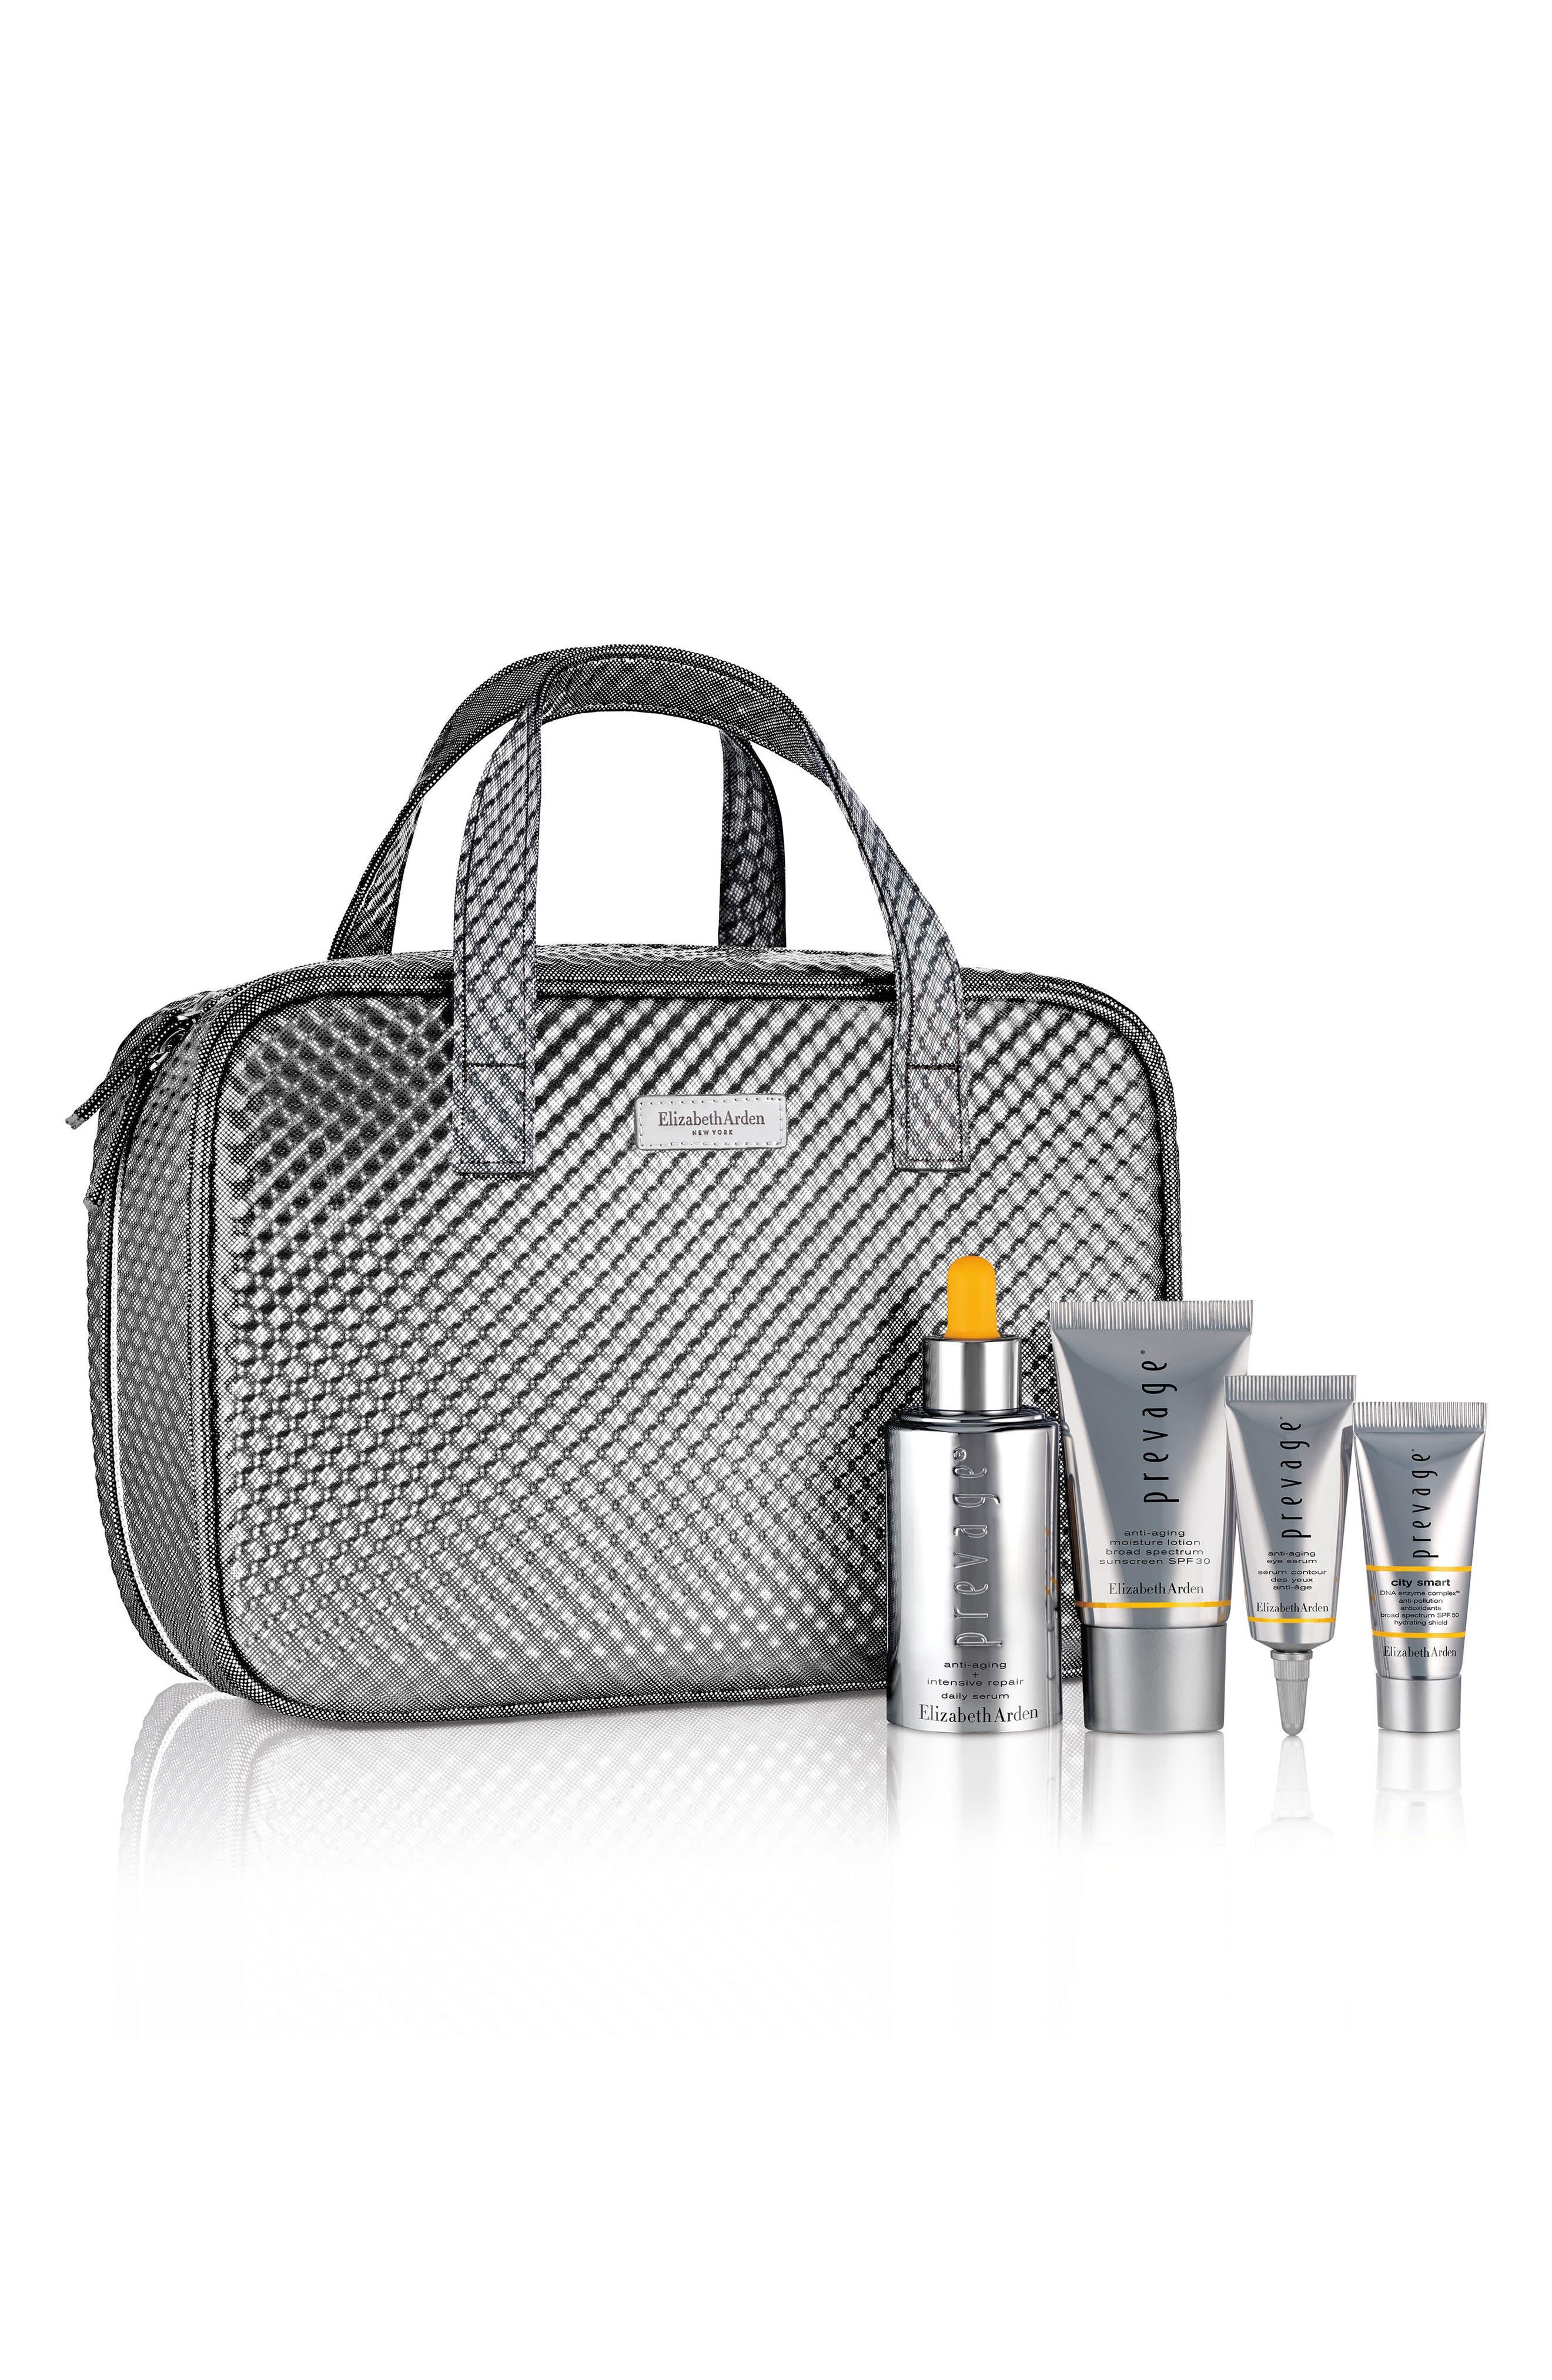 Main Image - PREVAGE® Anti-Aging + Intensive Repair Daily Serum Set ($311 Value)